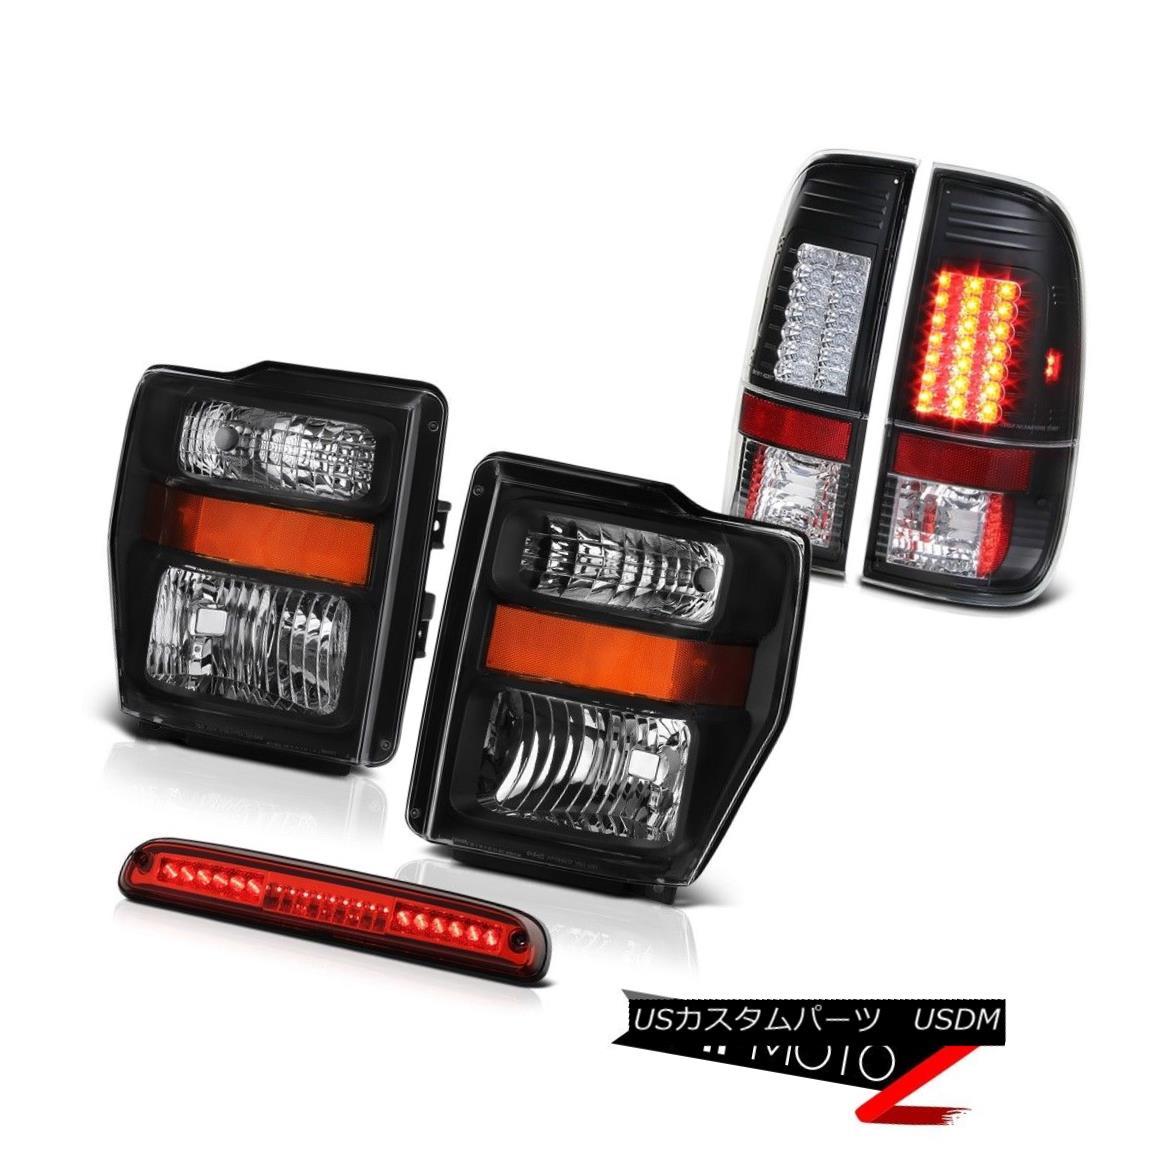 テールライト Black Headlights High Brake Cargo LED Lights 2008 2009 2010 F250 Harley Davidson ブラックヘッドライトハイブレーキカーゴLEDライト2008 2009 2010 F250ハーレーダビッドソン